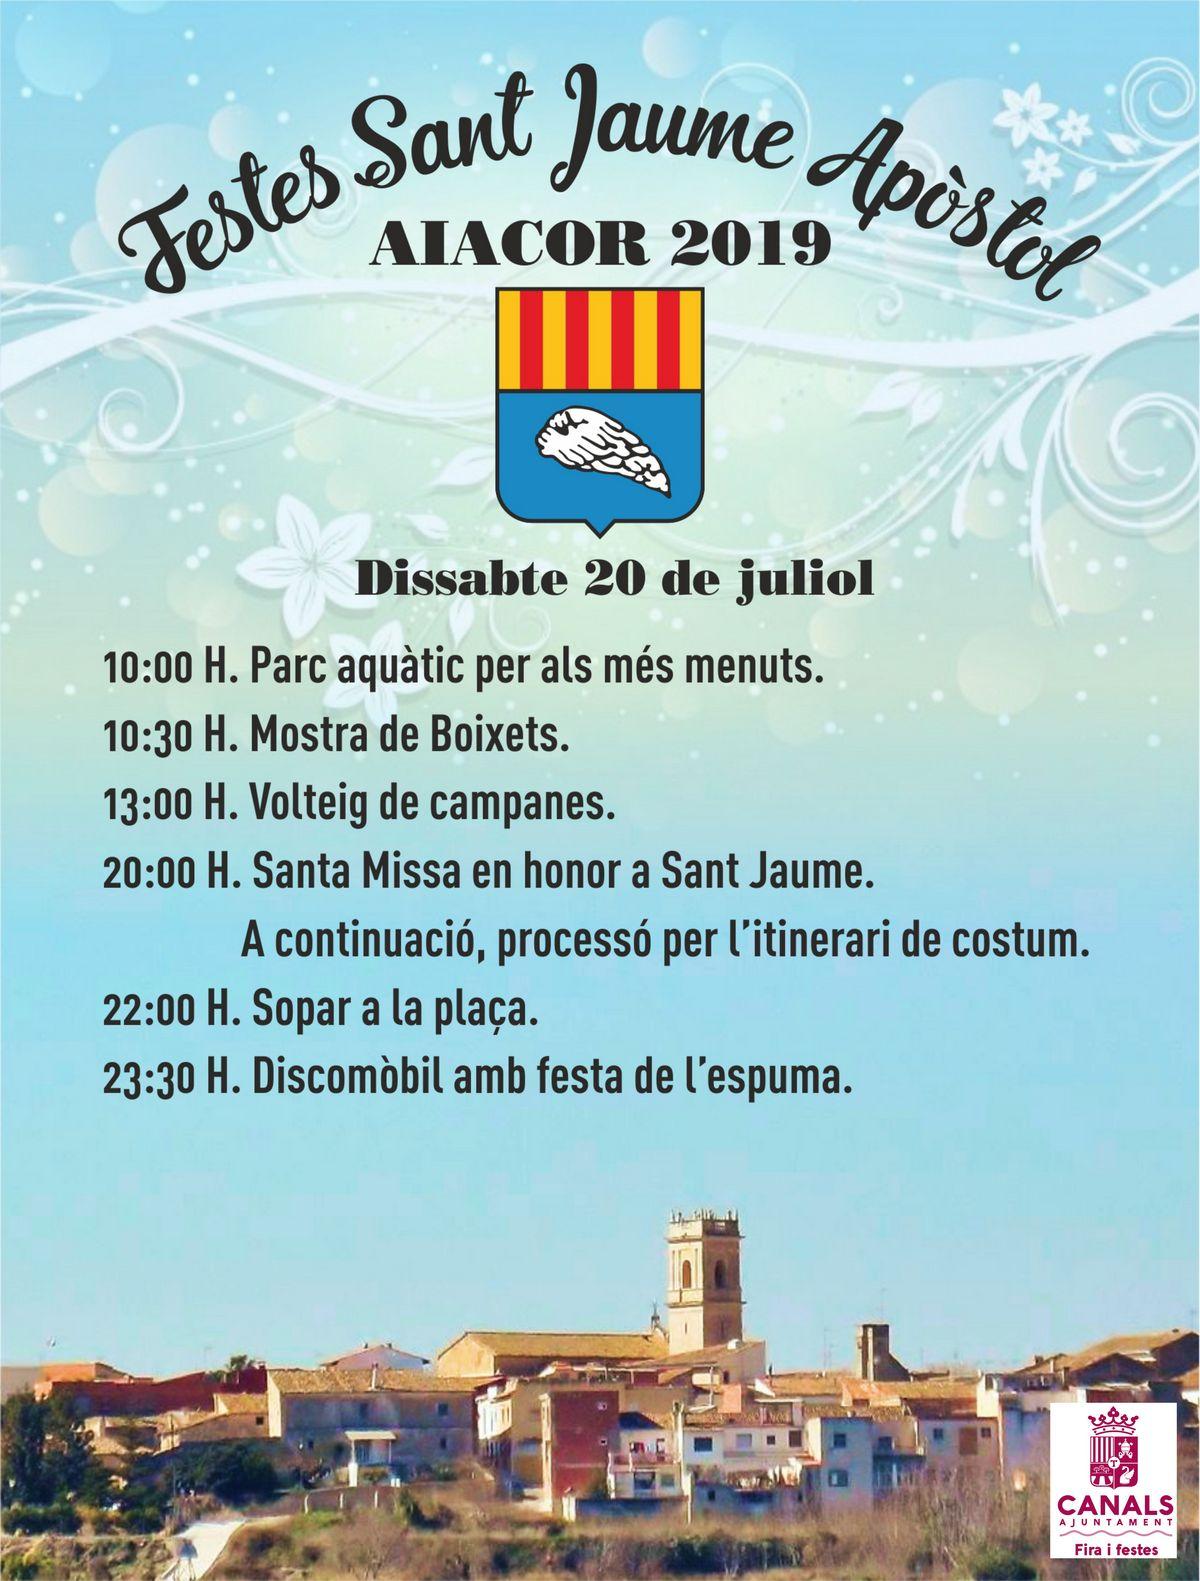 Aiacor celebra las fiestas de Sant Jaume este sábado.